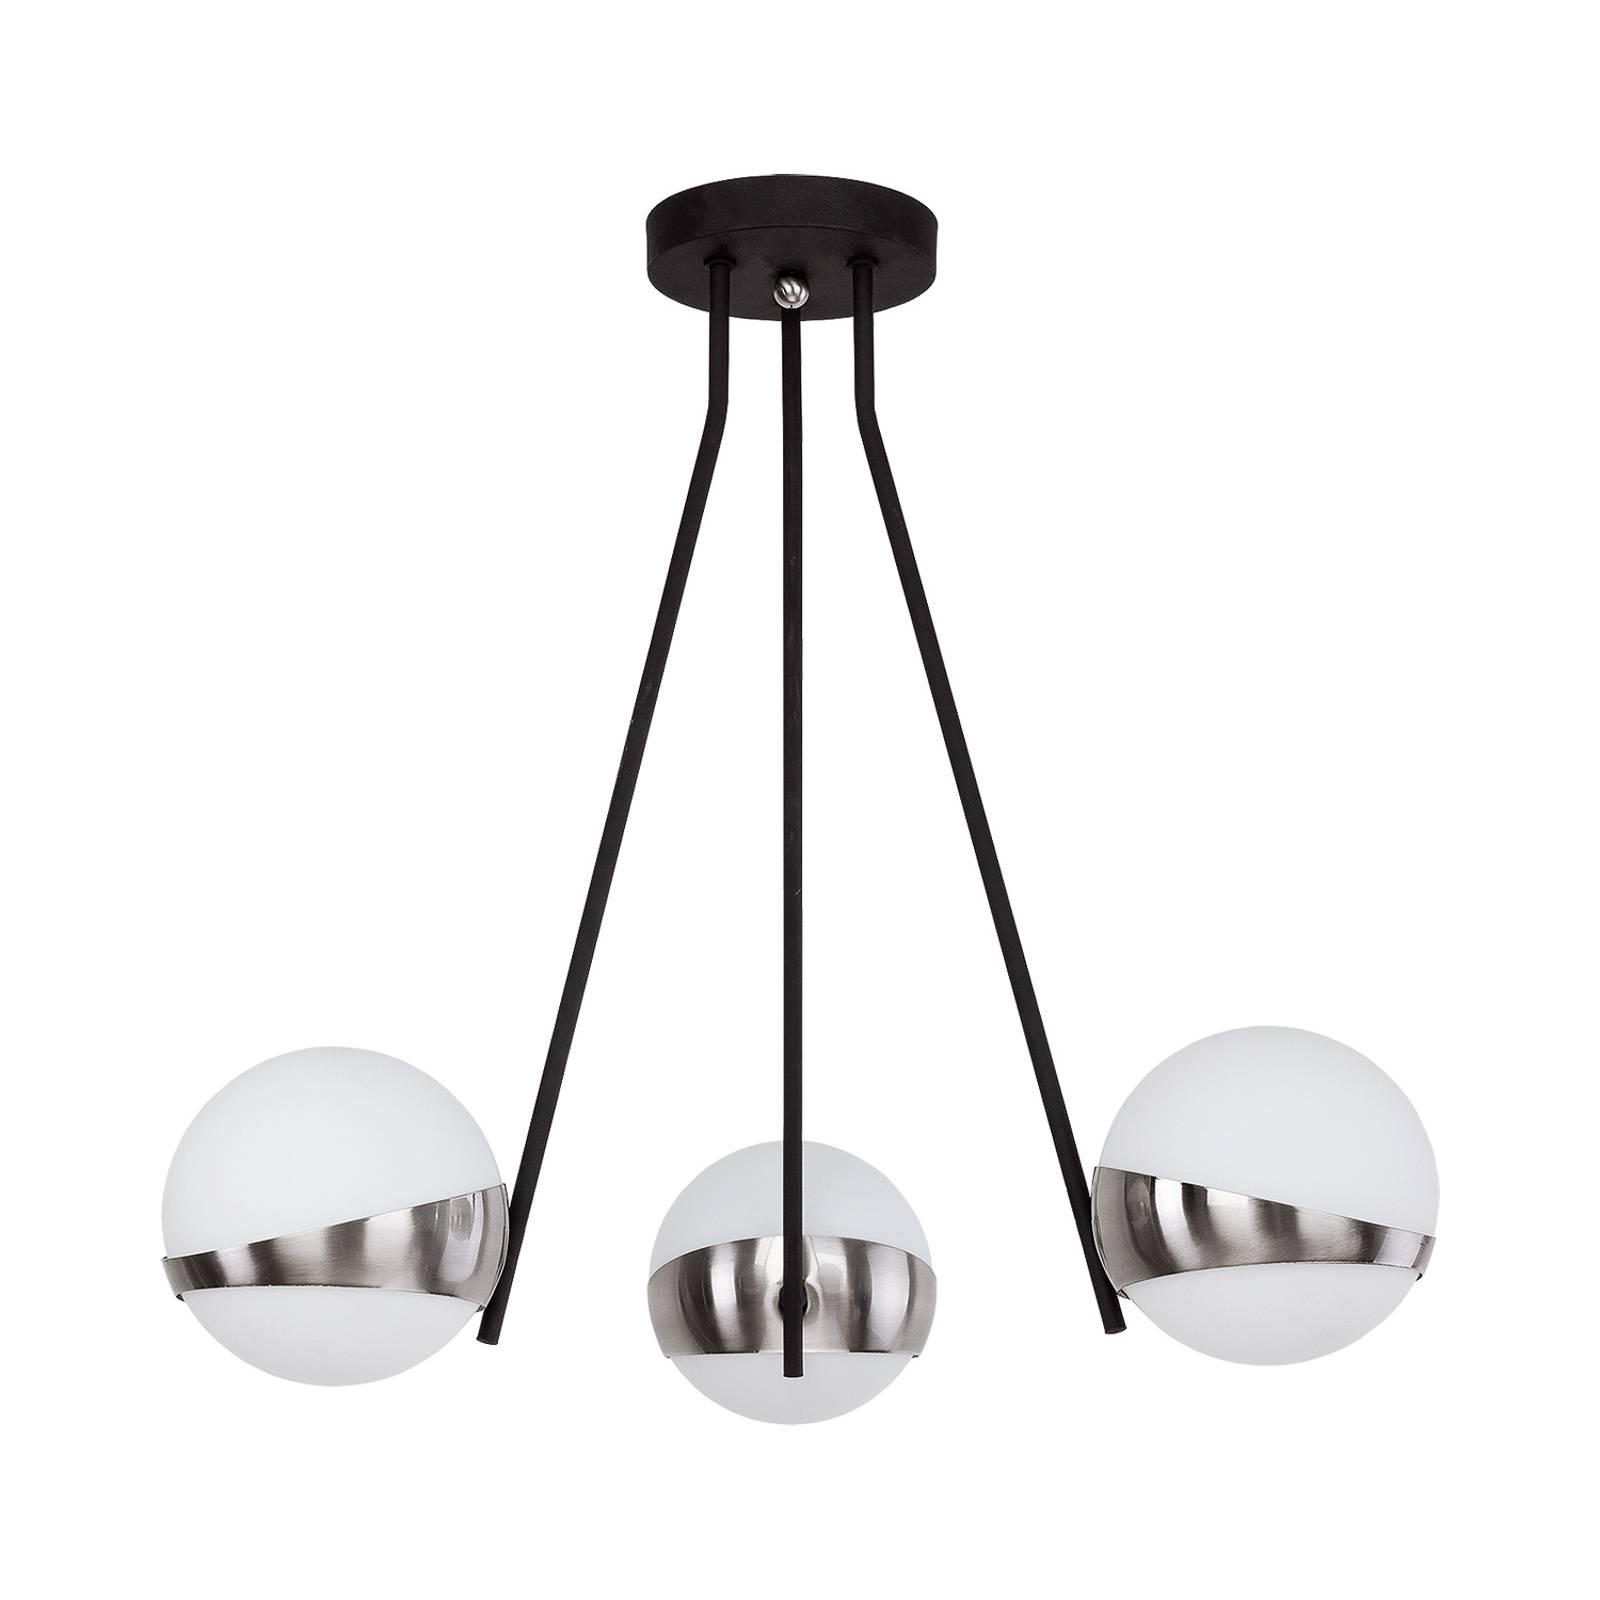 Riippuvalo Parcel, 3-lamppuinen, valkoinen/hopea